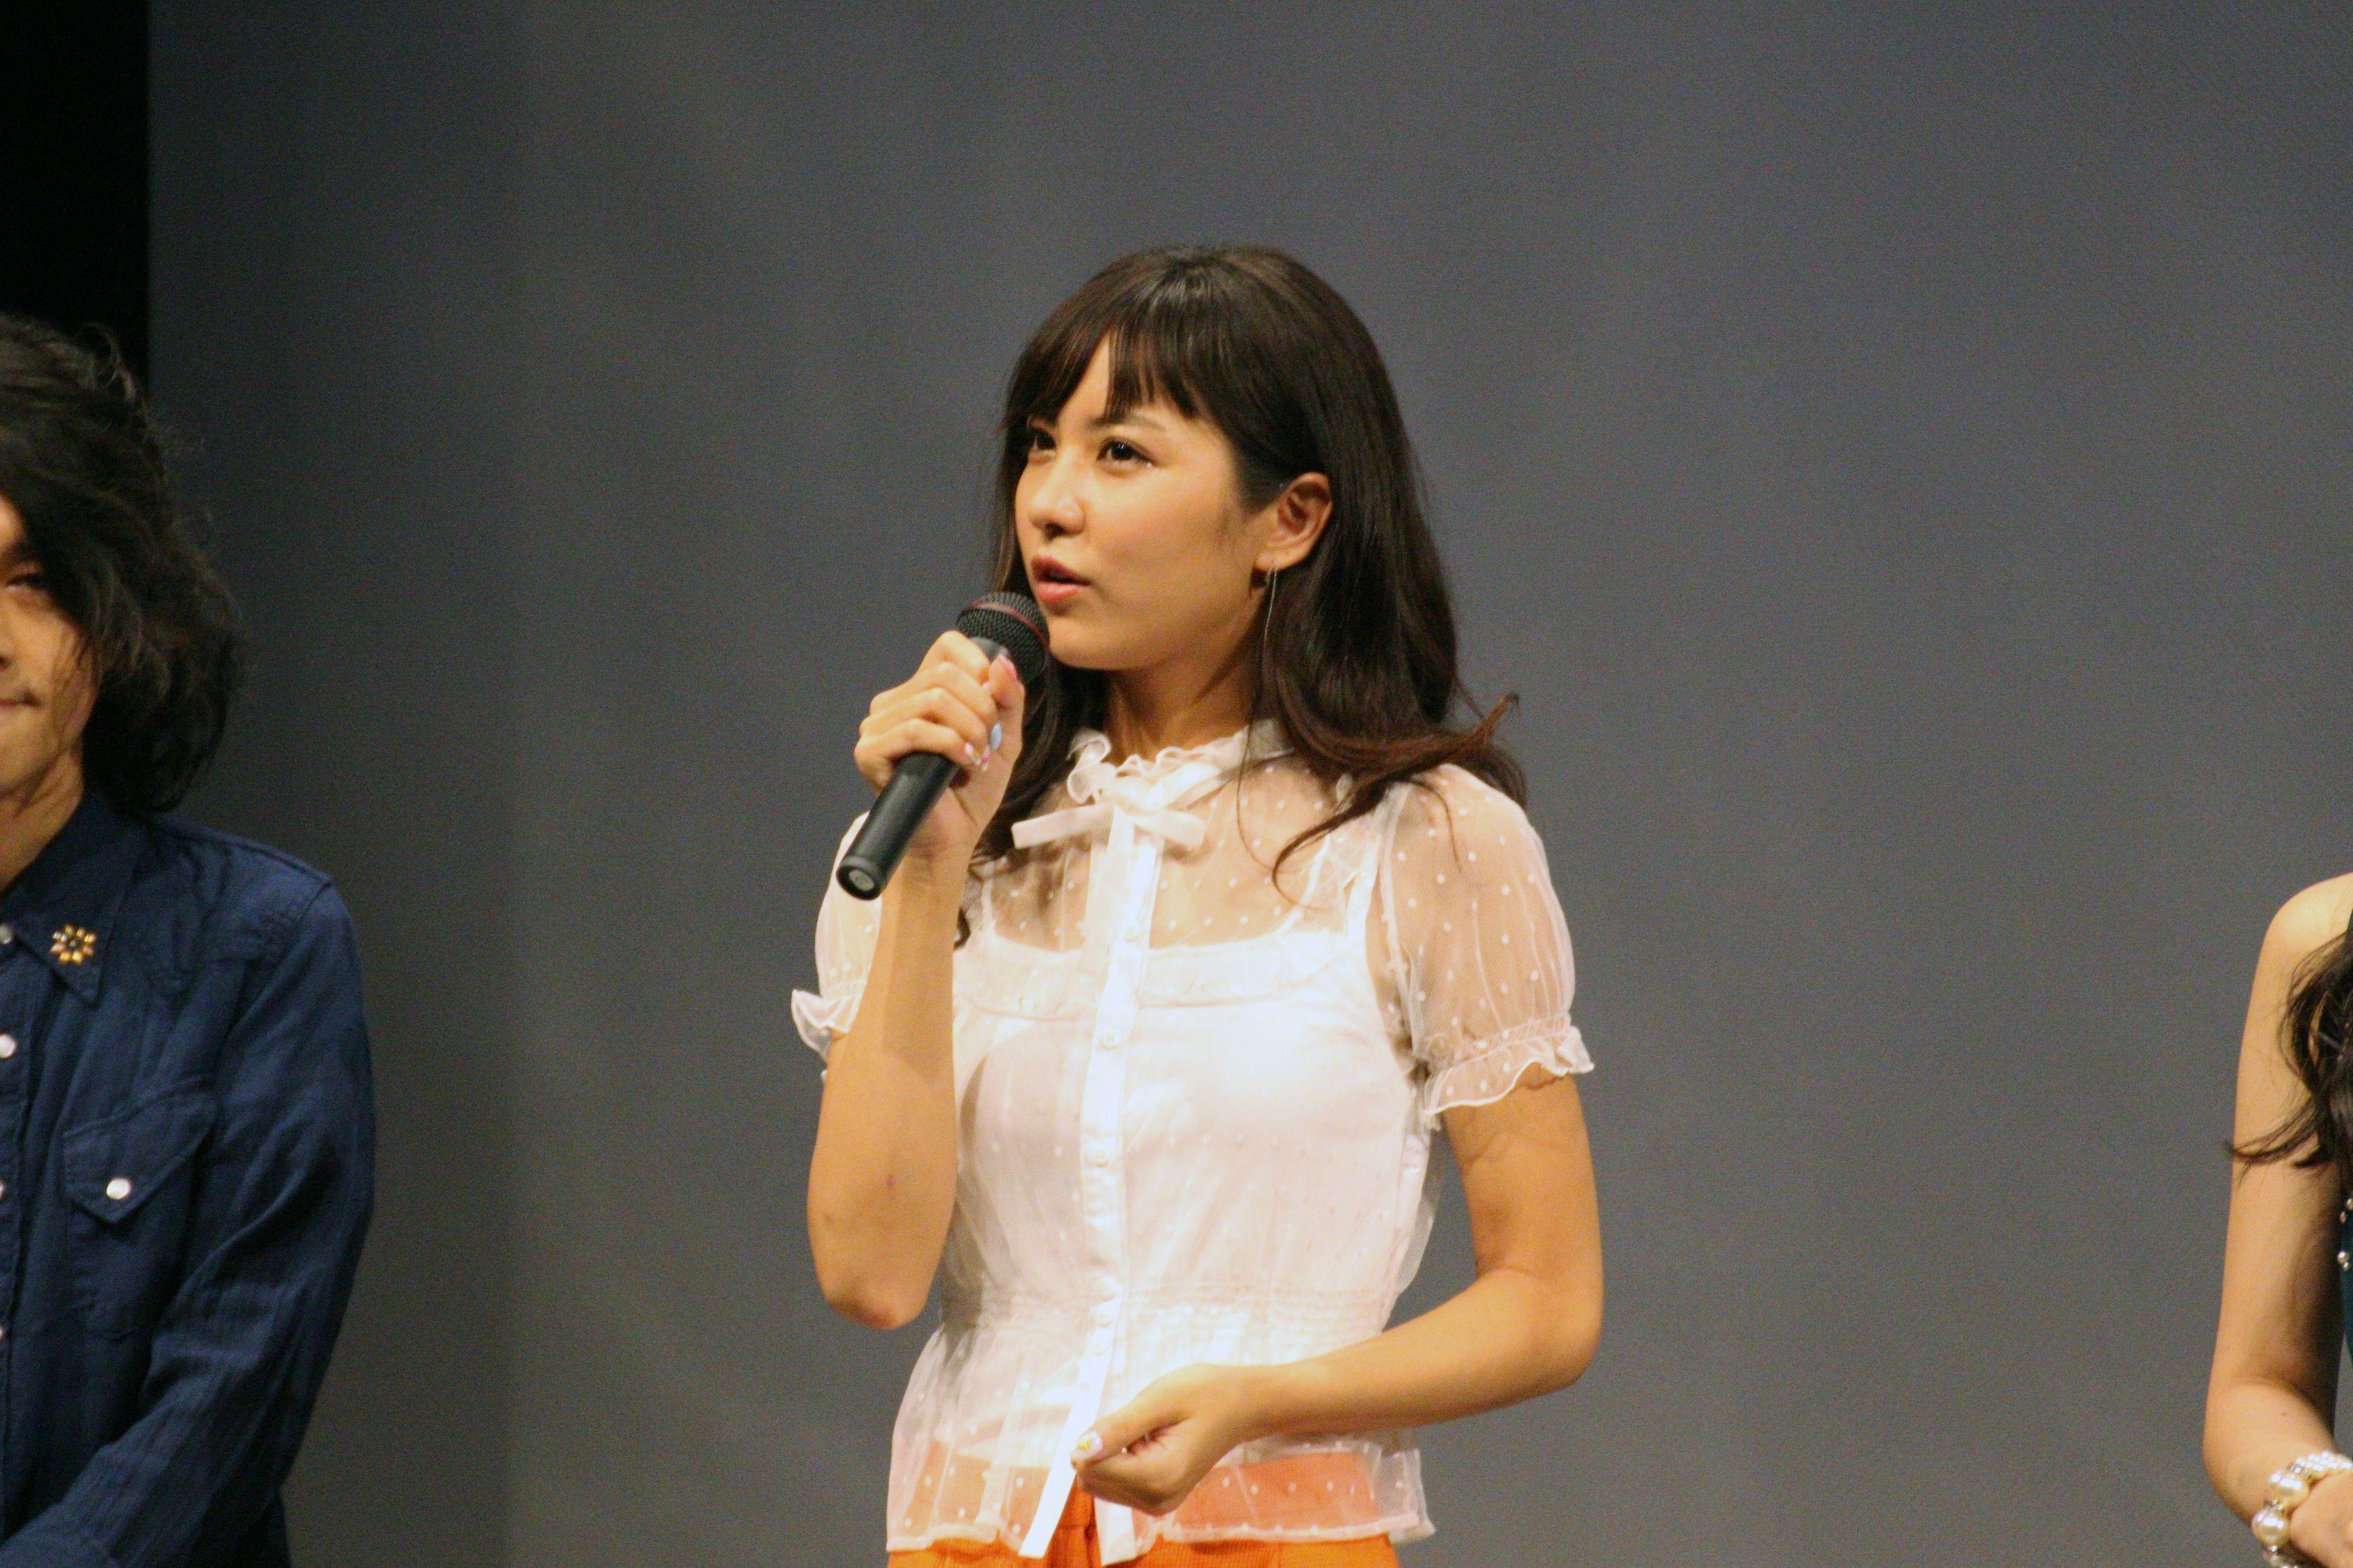 石川恋は「どうしても舞台あいさつに参加したい」と別の現場から駆けつけた